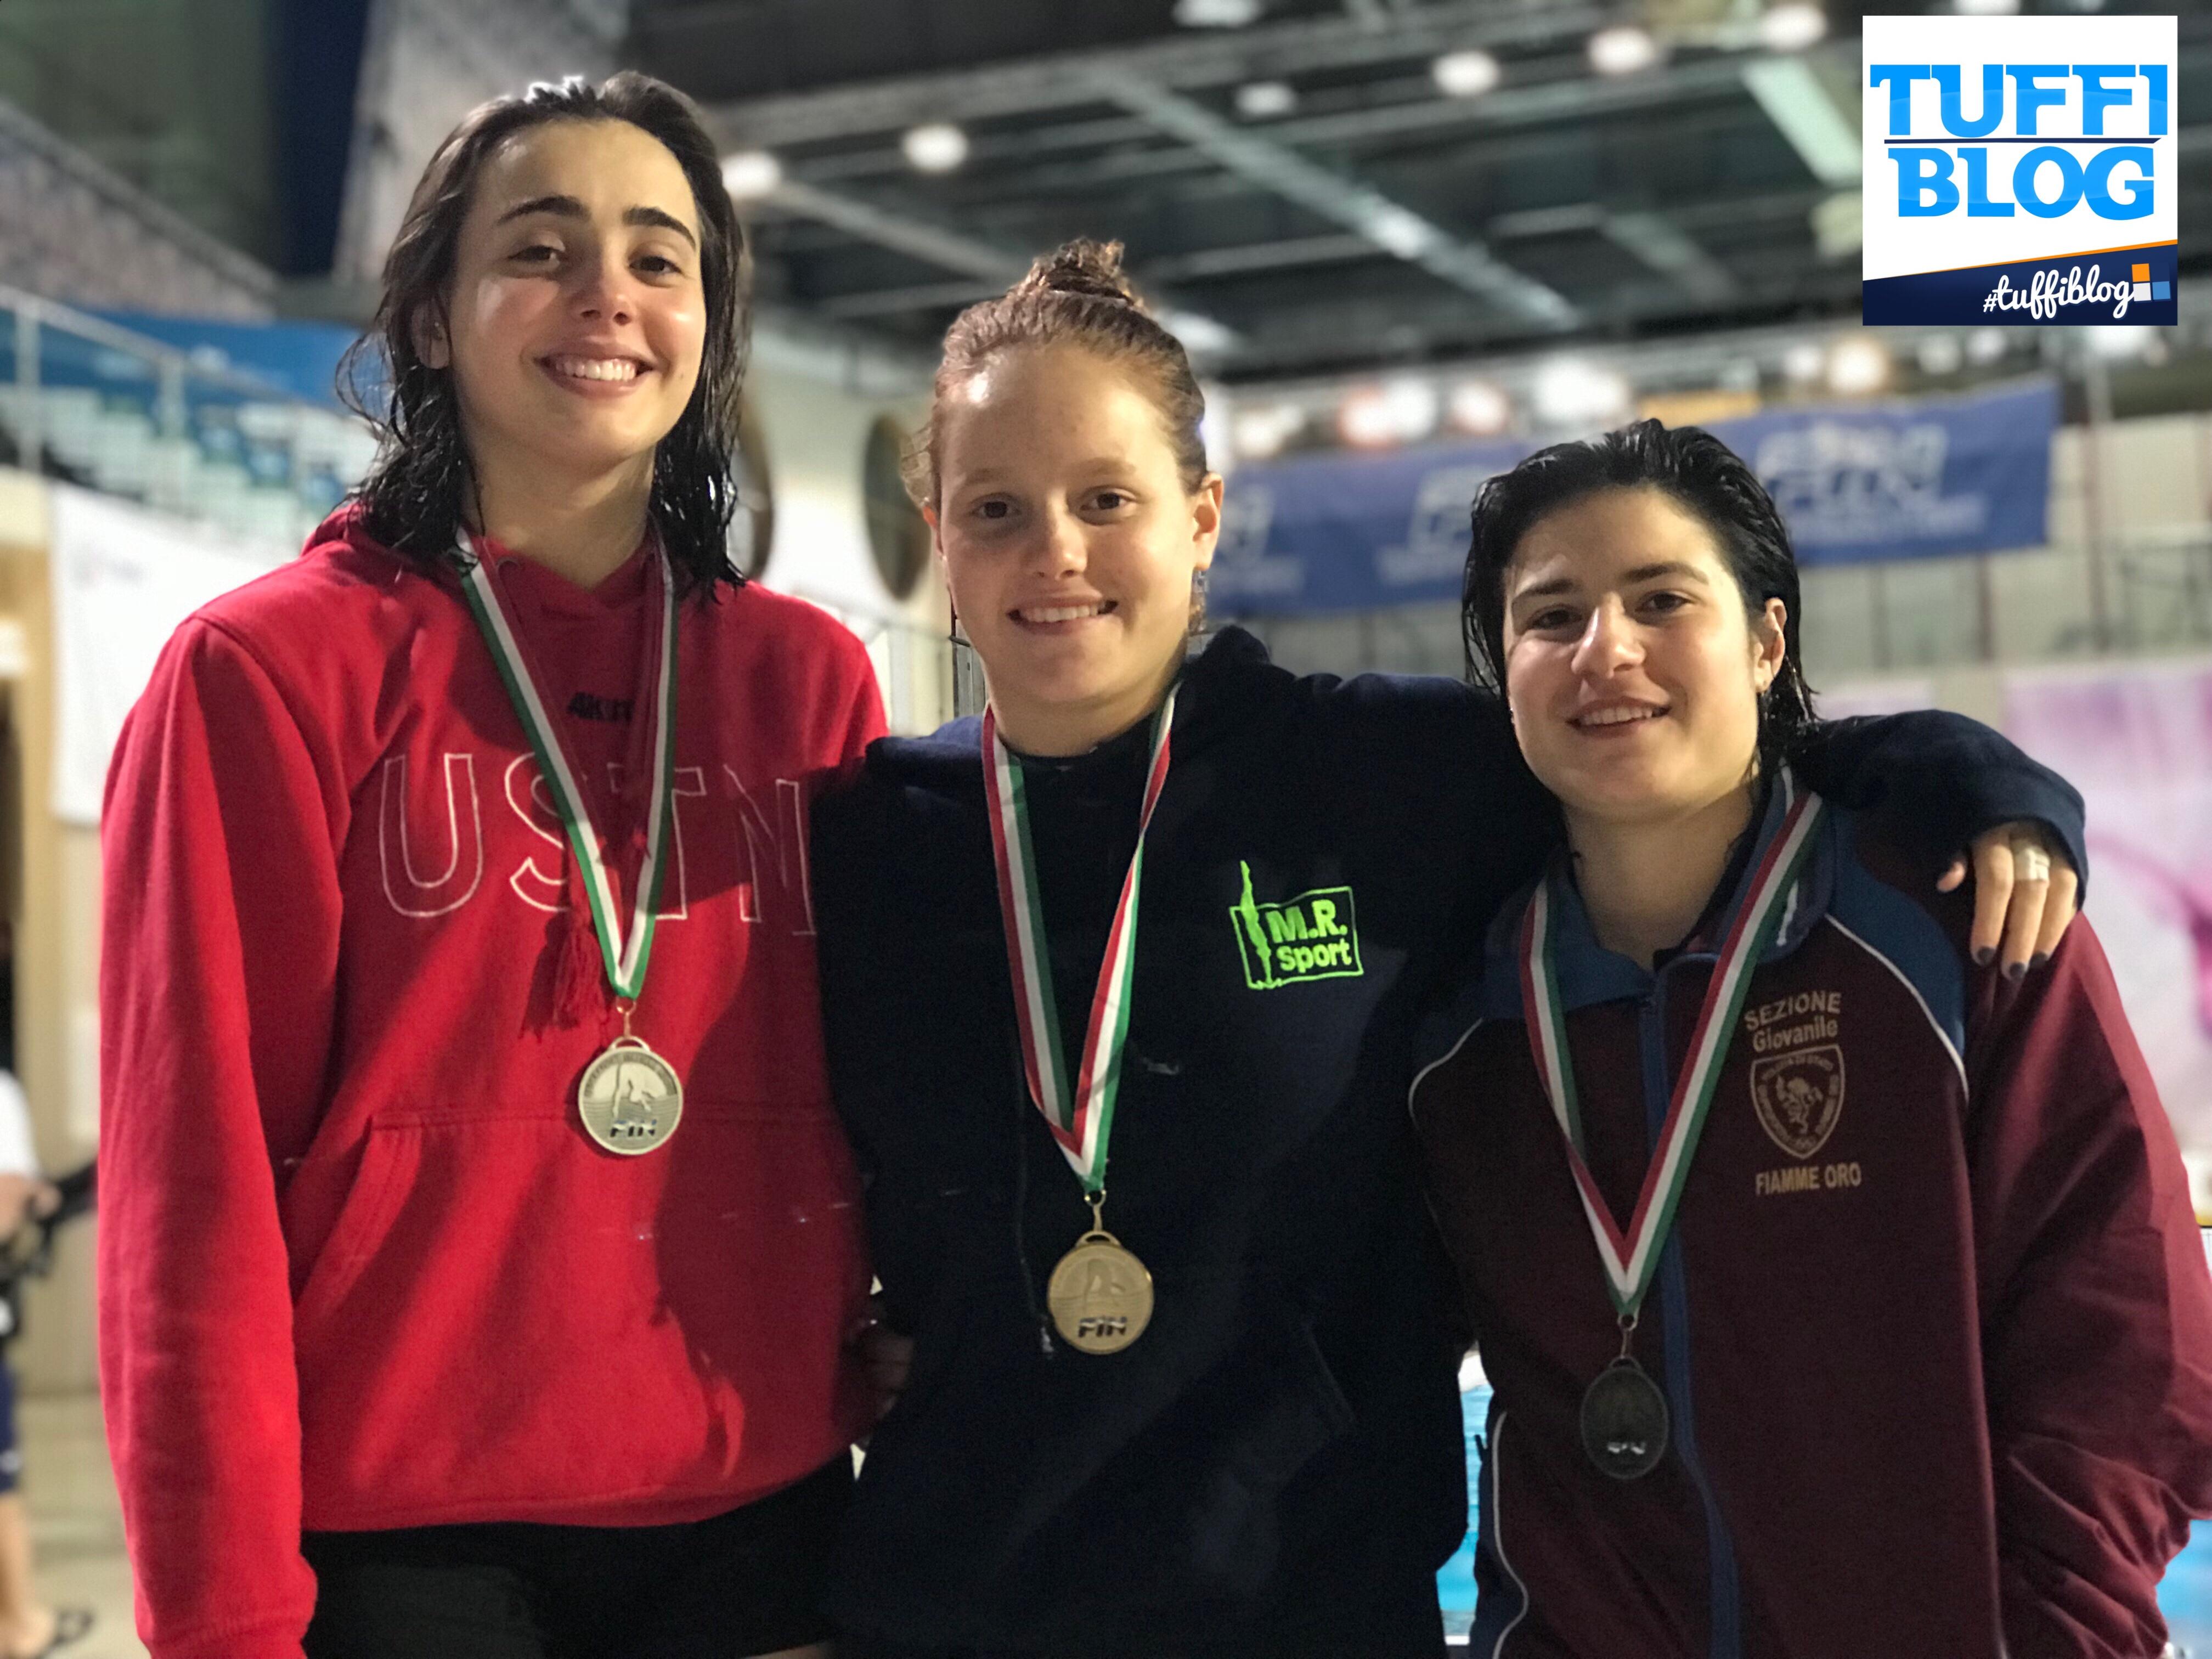 Campionati di Categoria Indoor: Trieste - Belotti, Biginelli e Pellacani i vincitori di oggi.